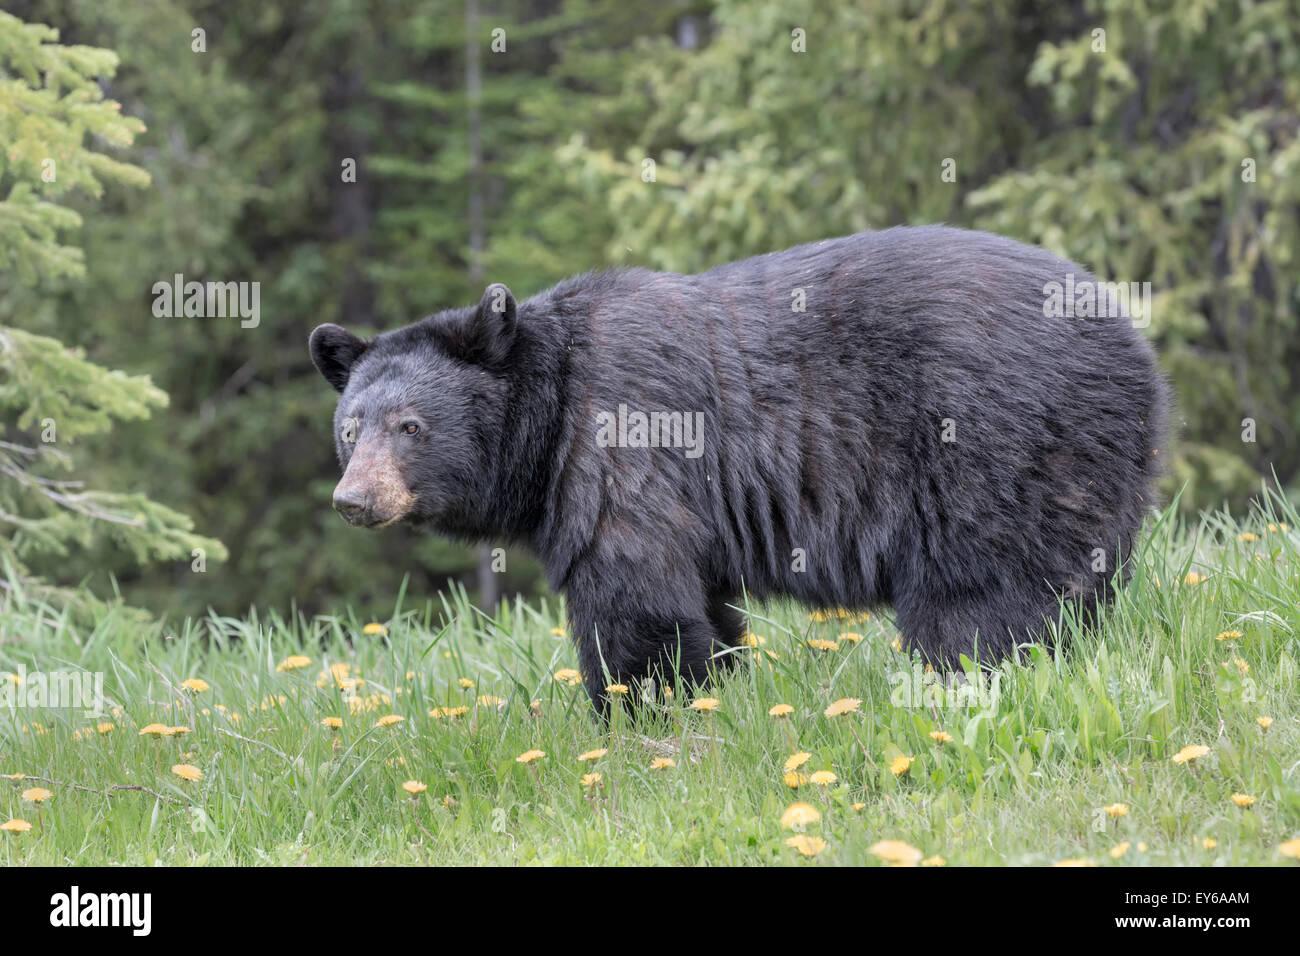 American Black Bear in dandelion meadow - Stock Image